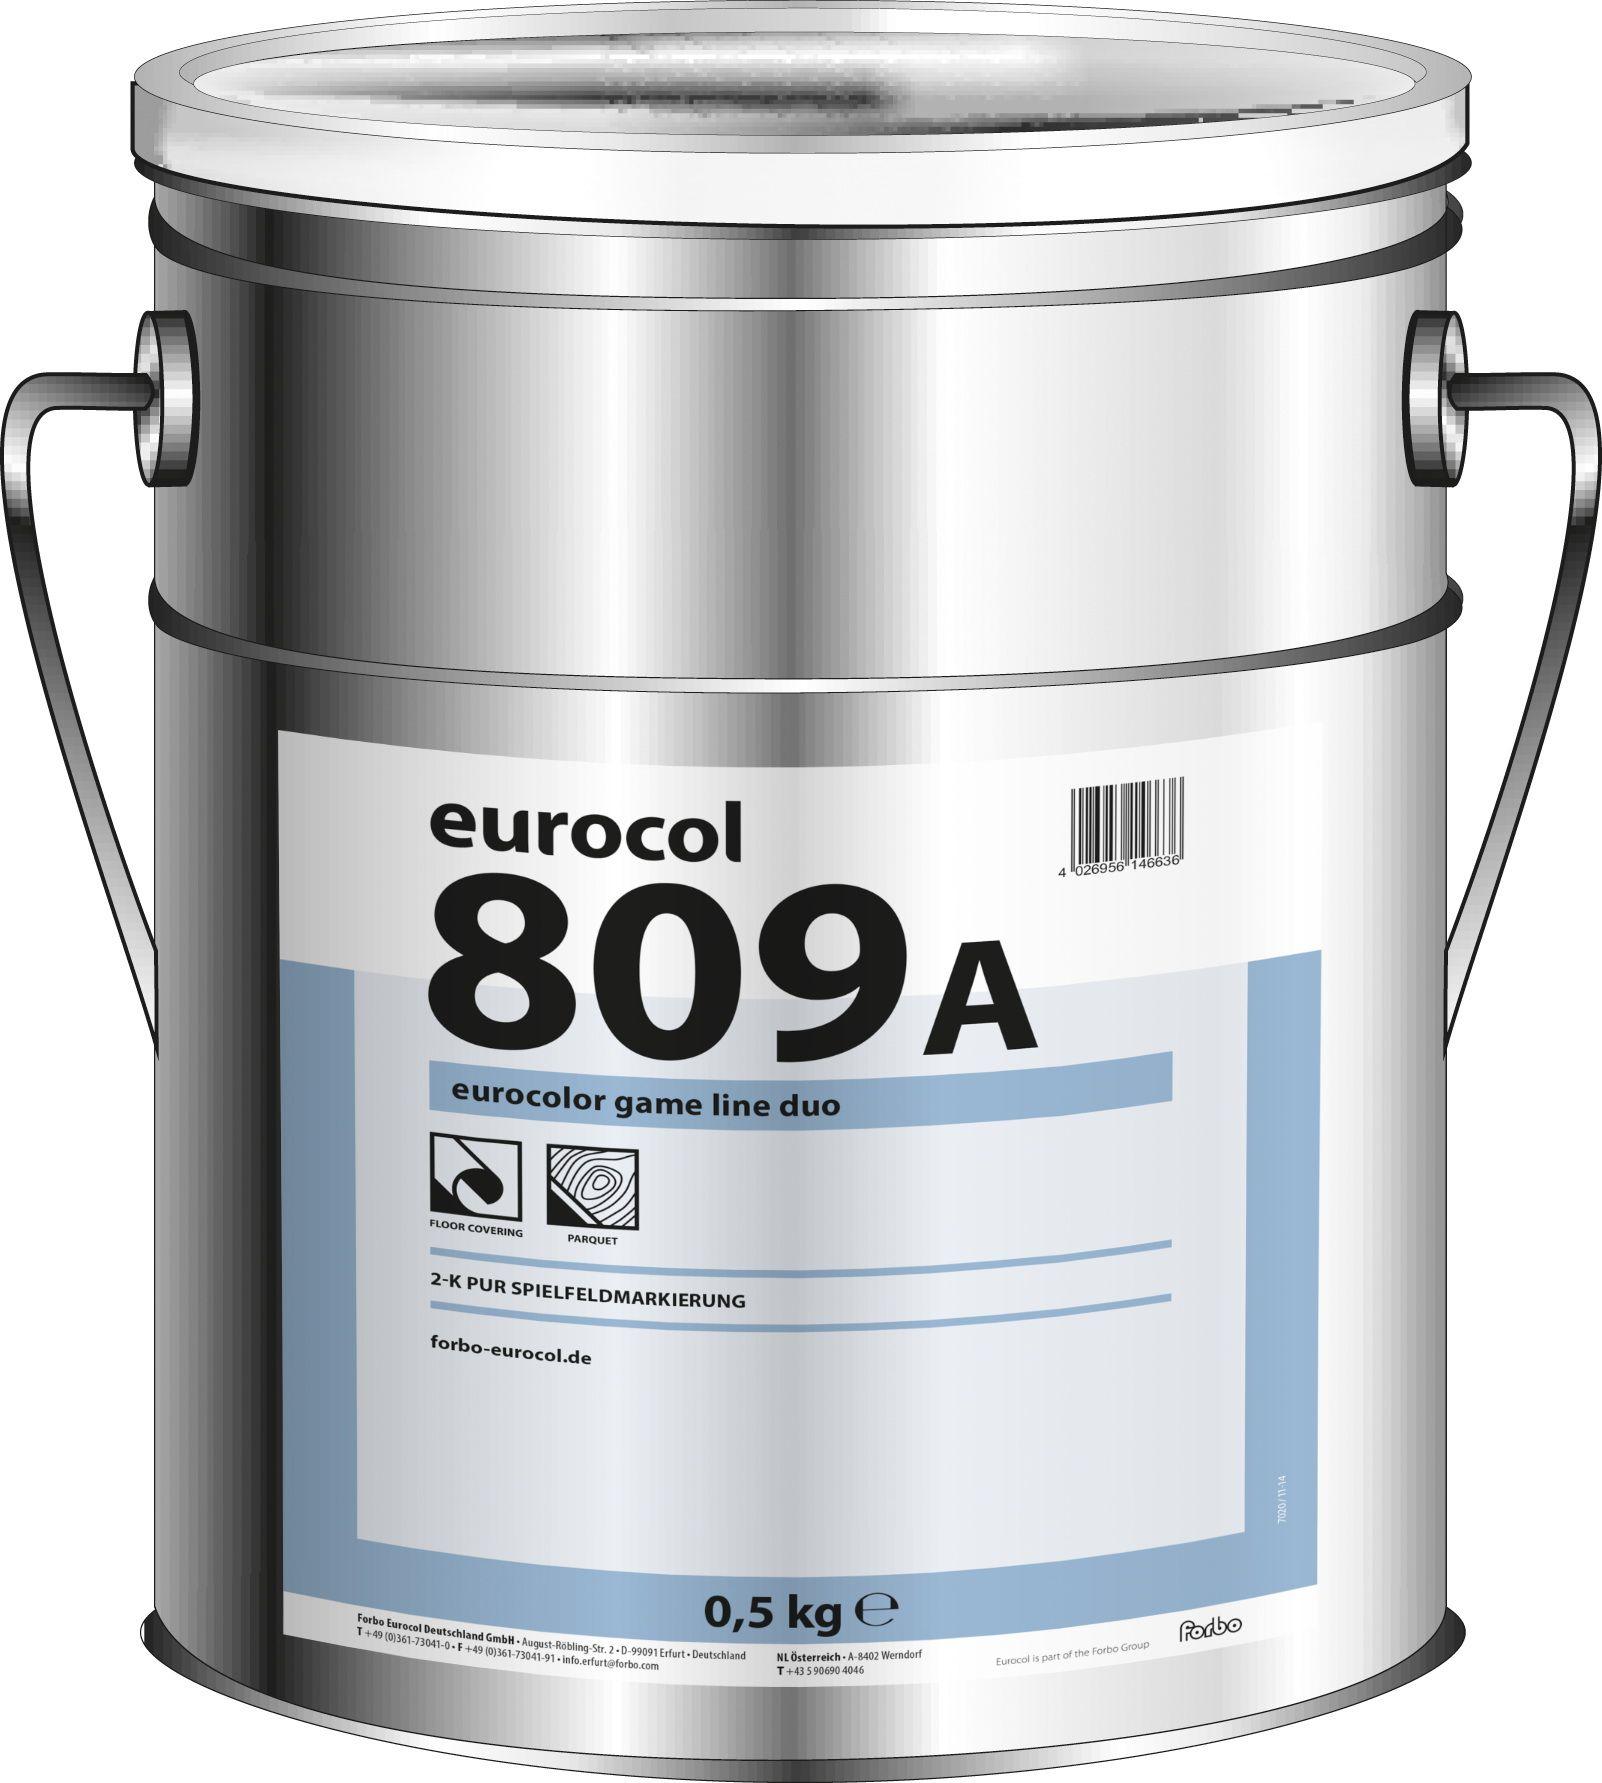 Краска для разметки-белый Eurocol Forbo 809 (0,5кг)Строительная химия<br><br><br>Бренд: Eurocol Forbo<br>Страна-изготовитель: Германия